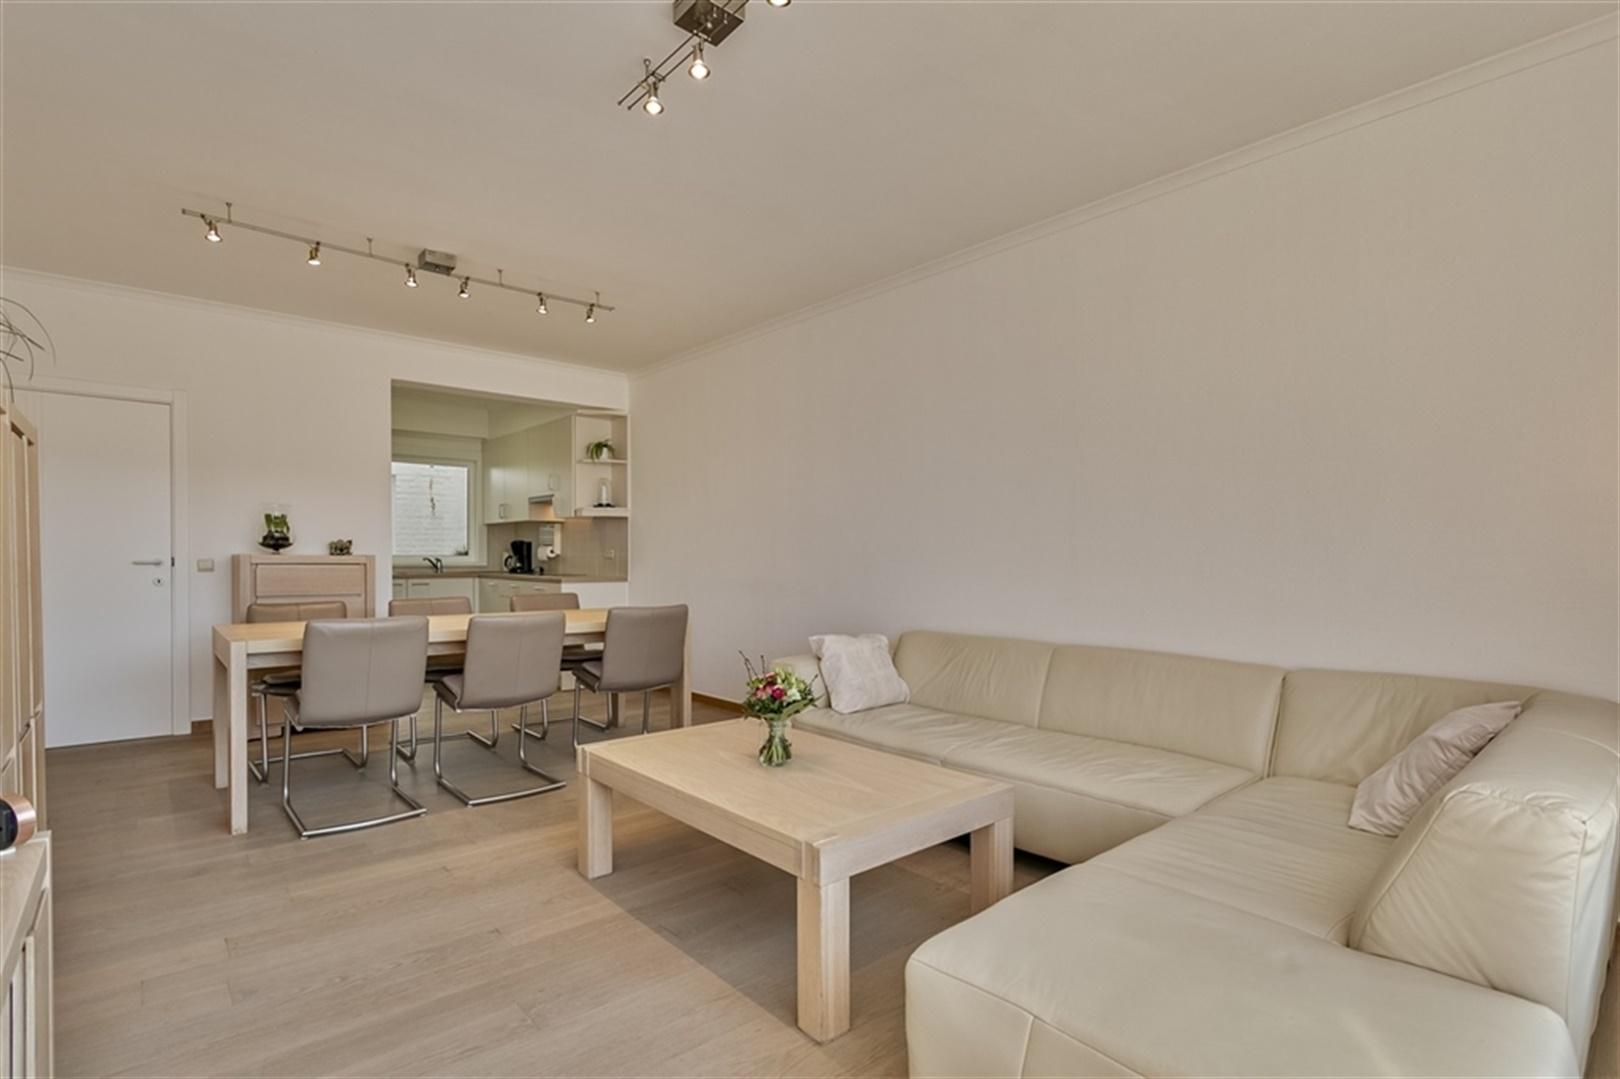 Lichtrijk, modern appartement met 3 slaapkamers in hartje Gent